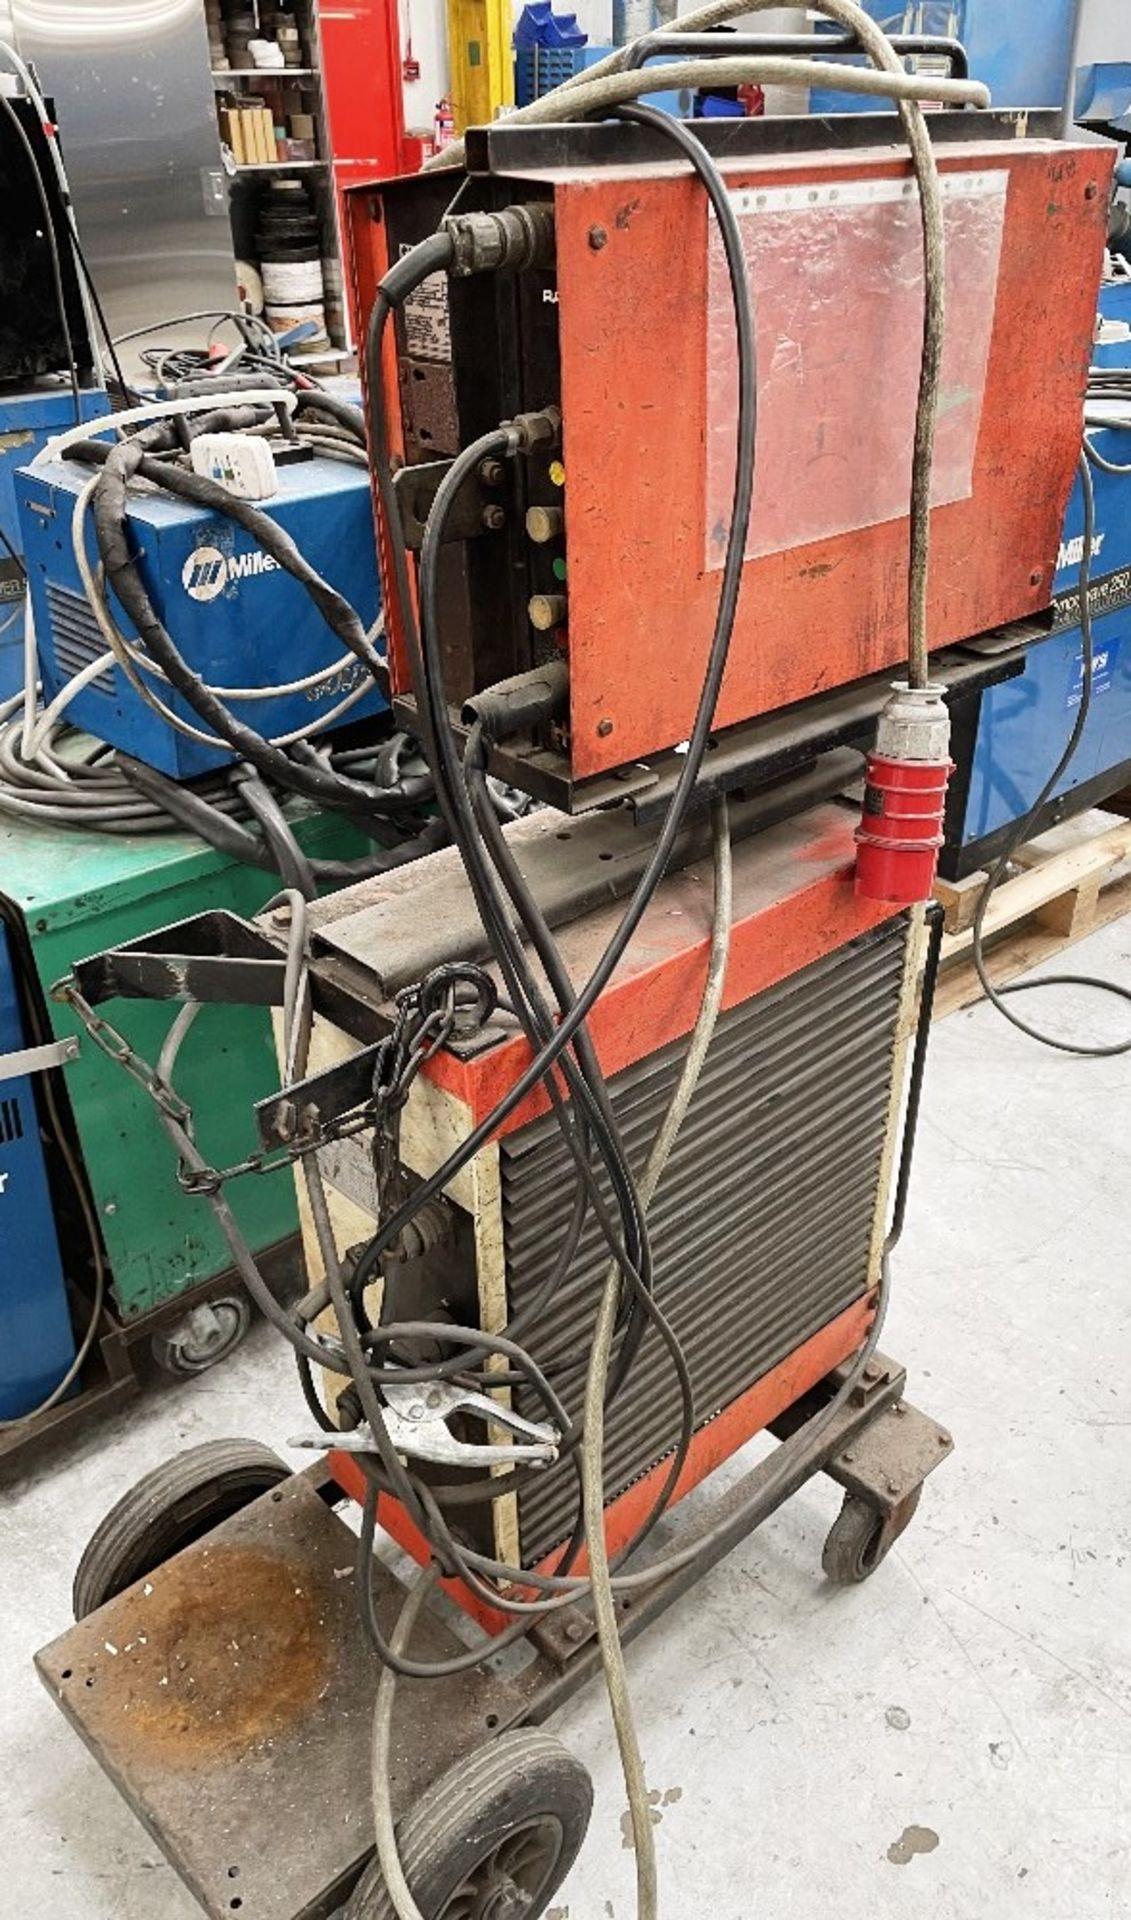 Kemppi RA230 Mig Welder w/ Kemppi Lisa 15 Wire Guide Tube - Image 4 of 6